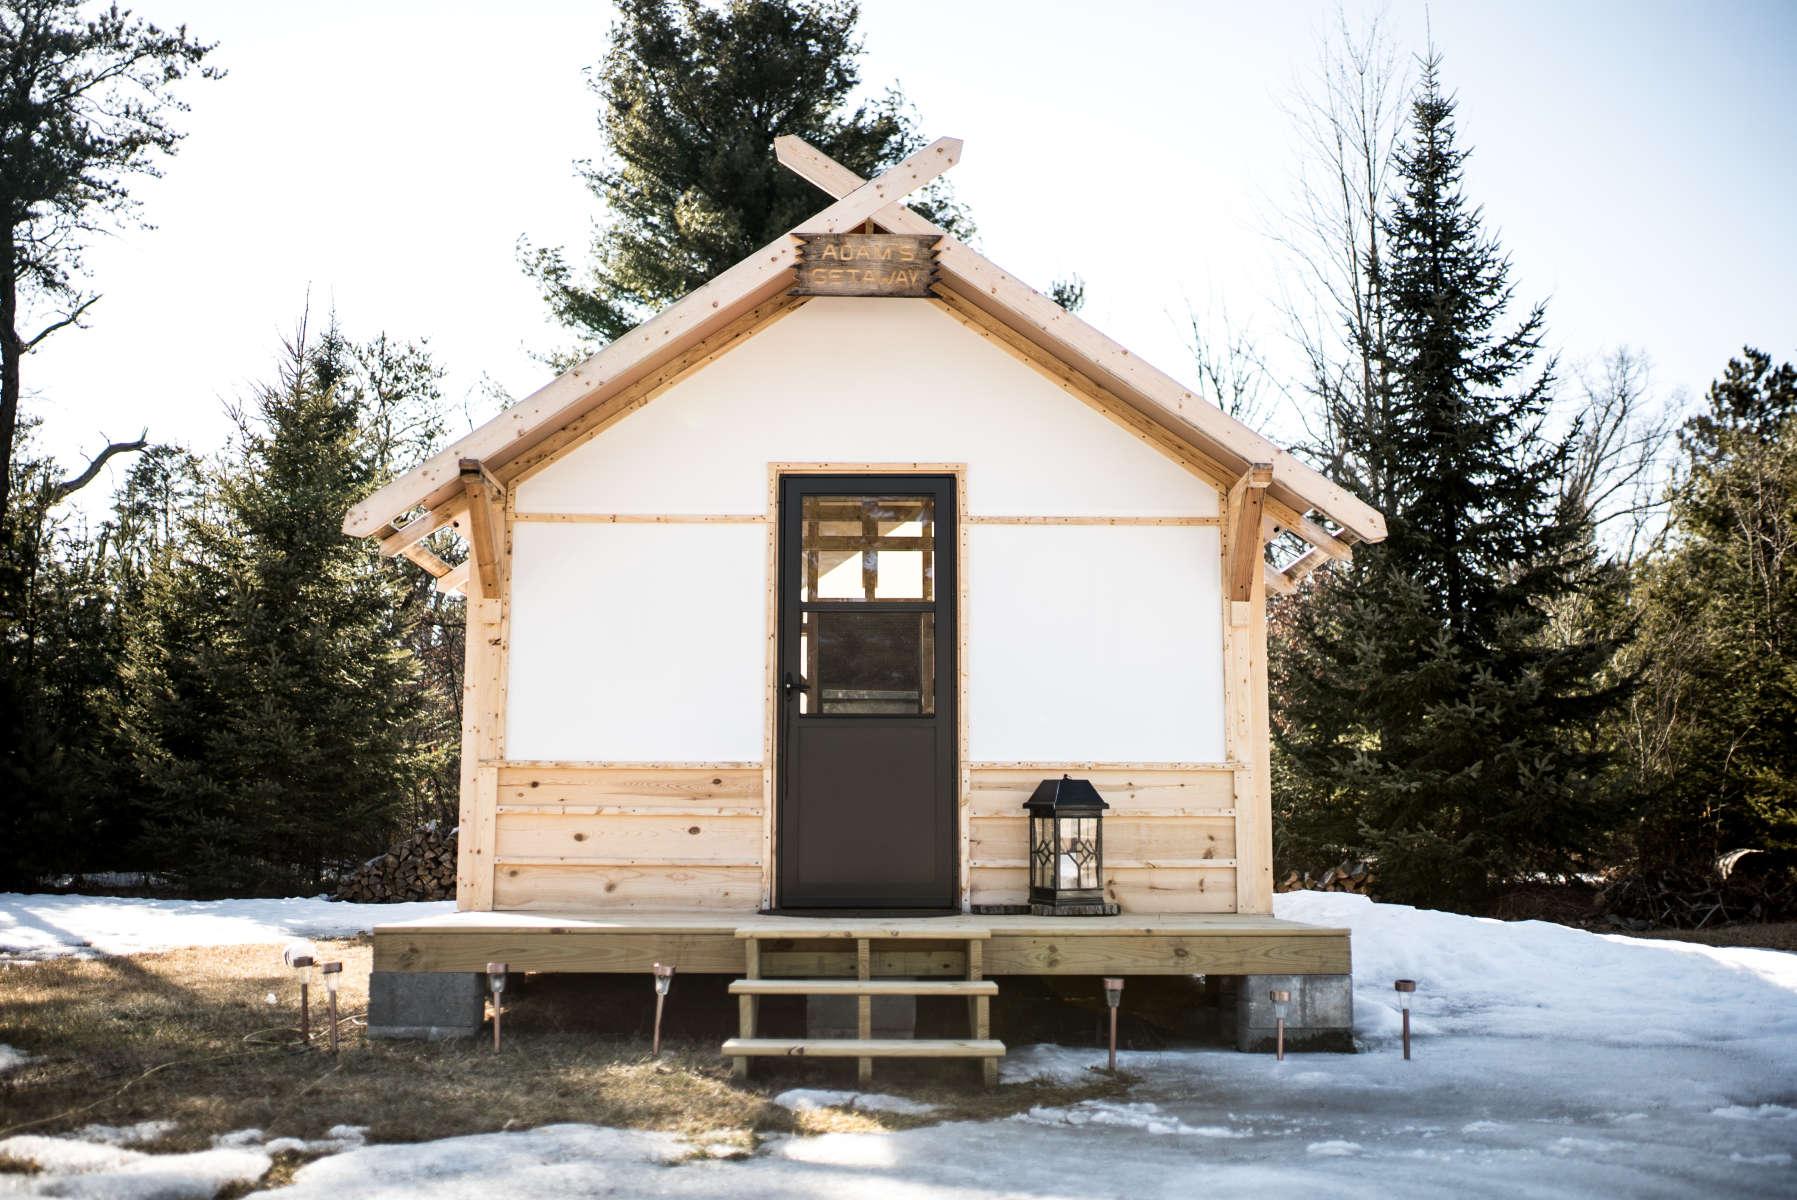 The 21 best cabin rentals in Wisconsin